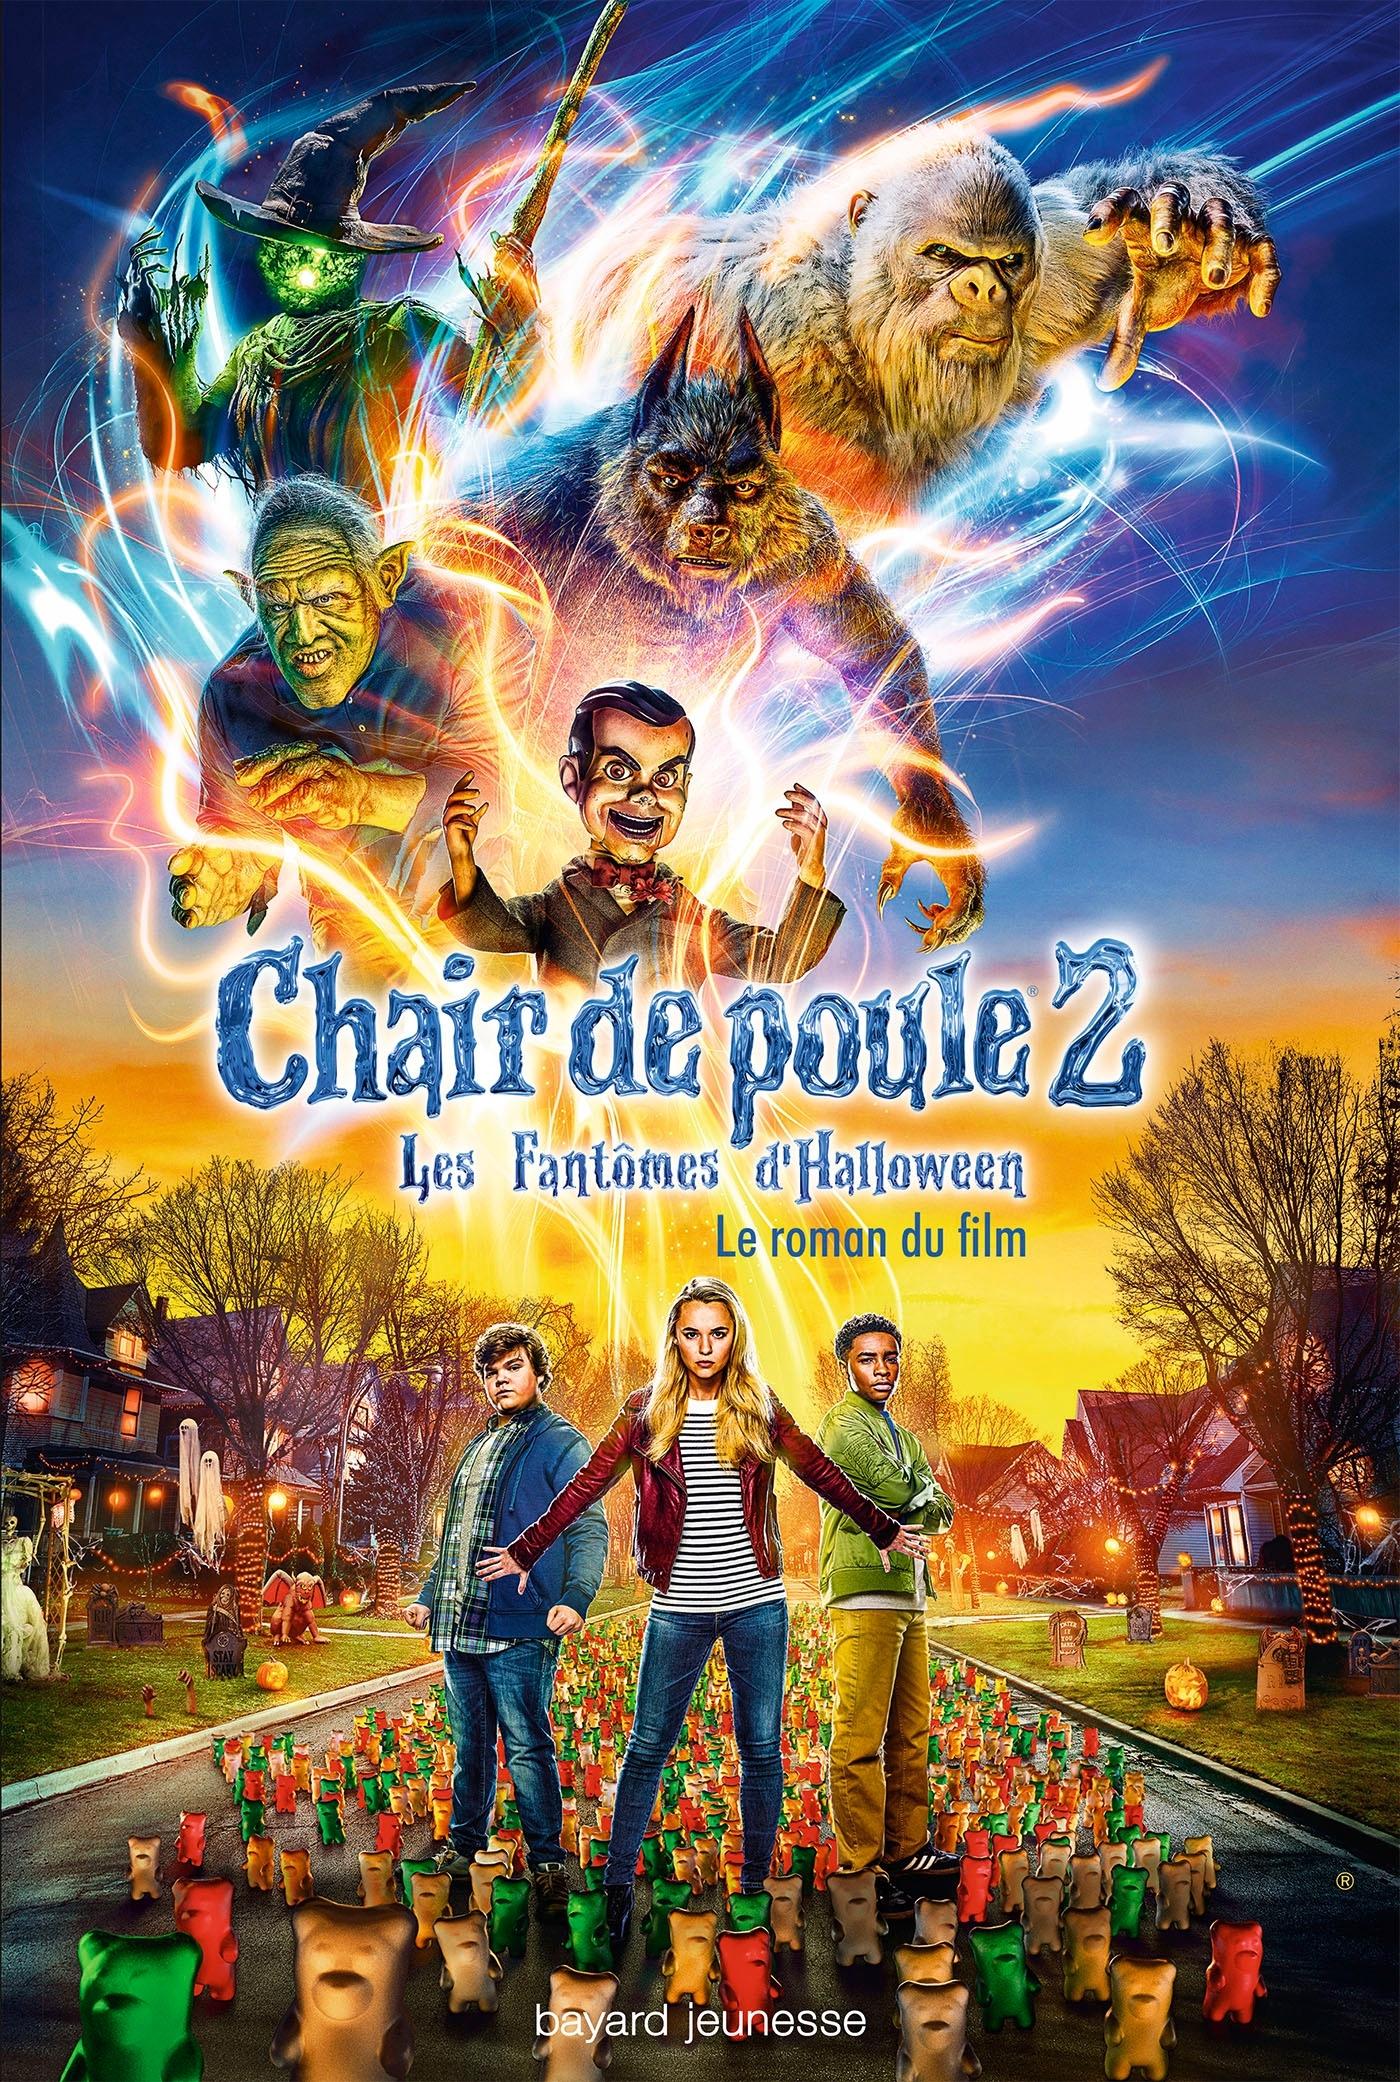 LES FANTOMES D'HALLOWEEN, LE ROMAN DU FILM 2